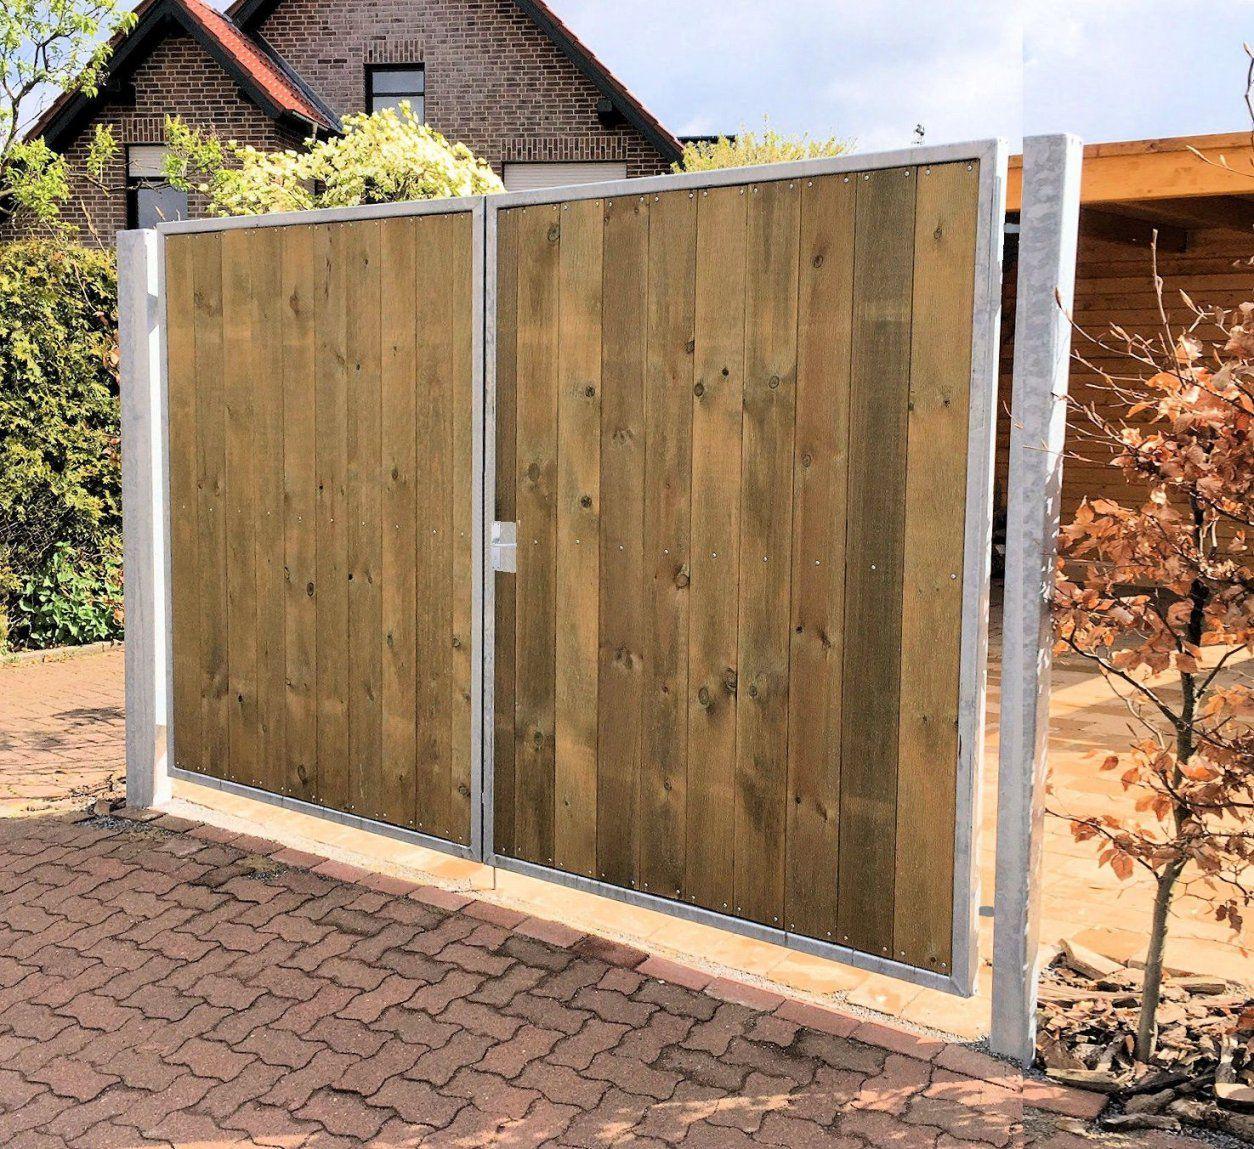 Einfahrtstor 200 X 180Cm 2Flügelig Verzinkt + Holz Tor Gartentor von Gartentor Aus Holz Bauen Photo